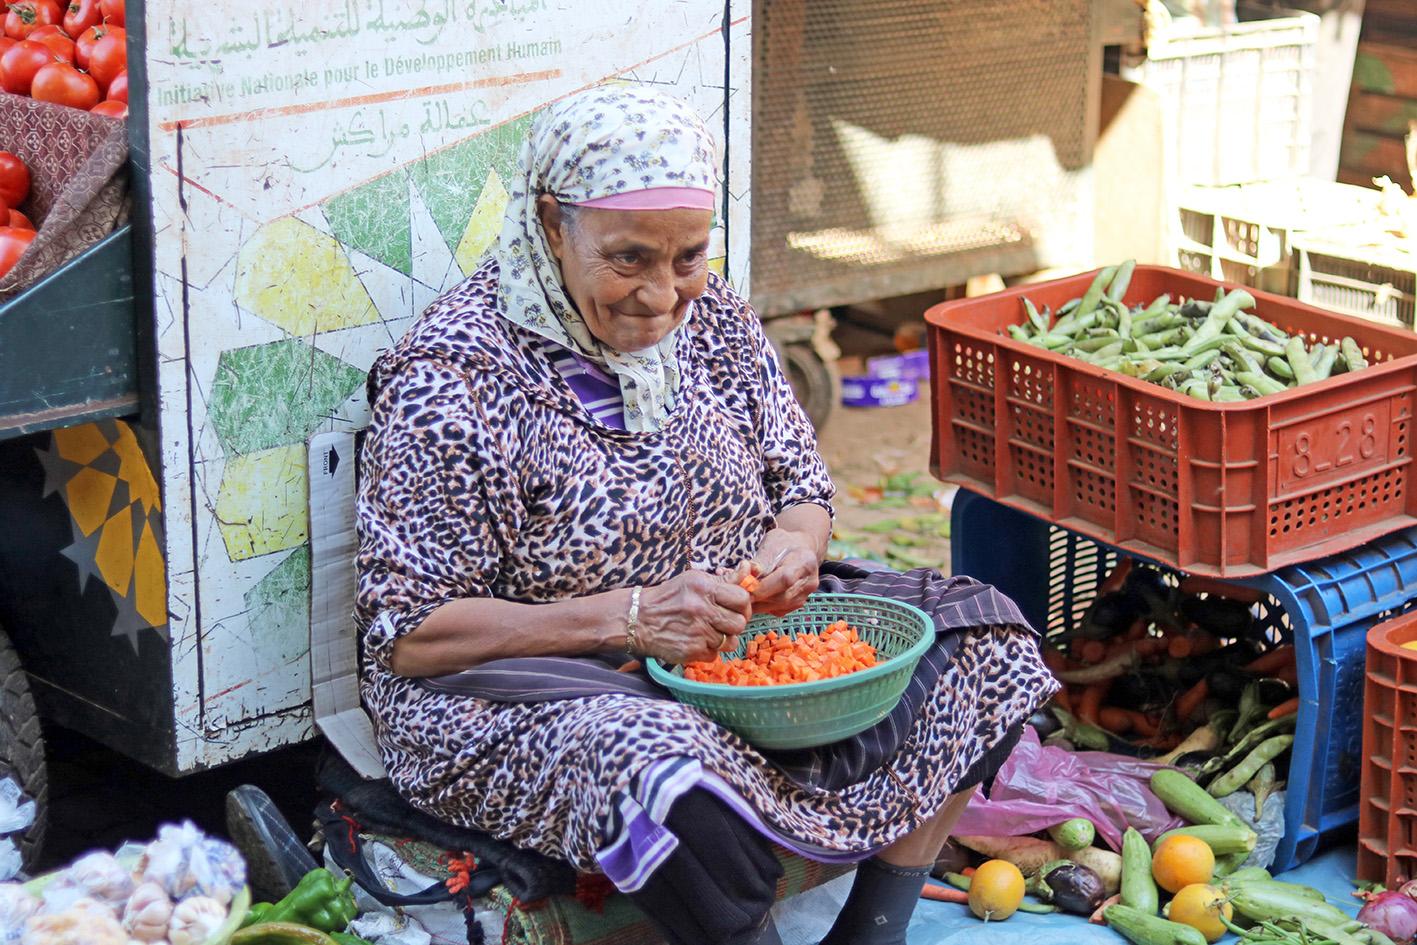 vieille-dame-souk-marrackech